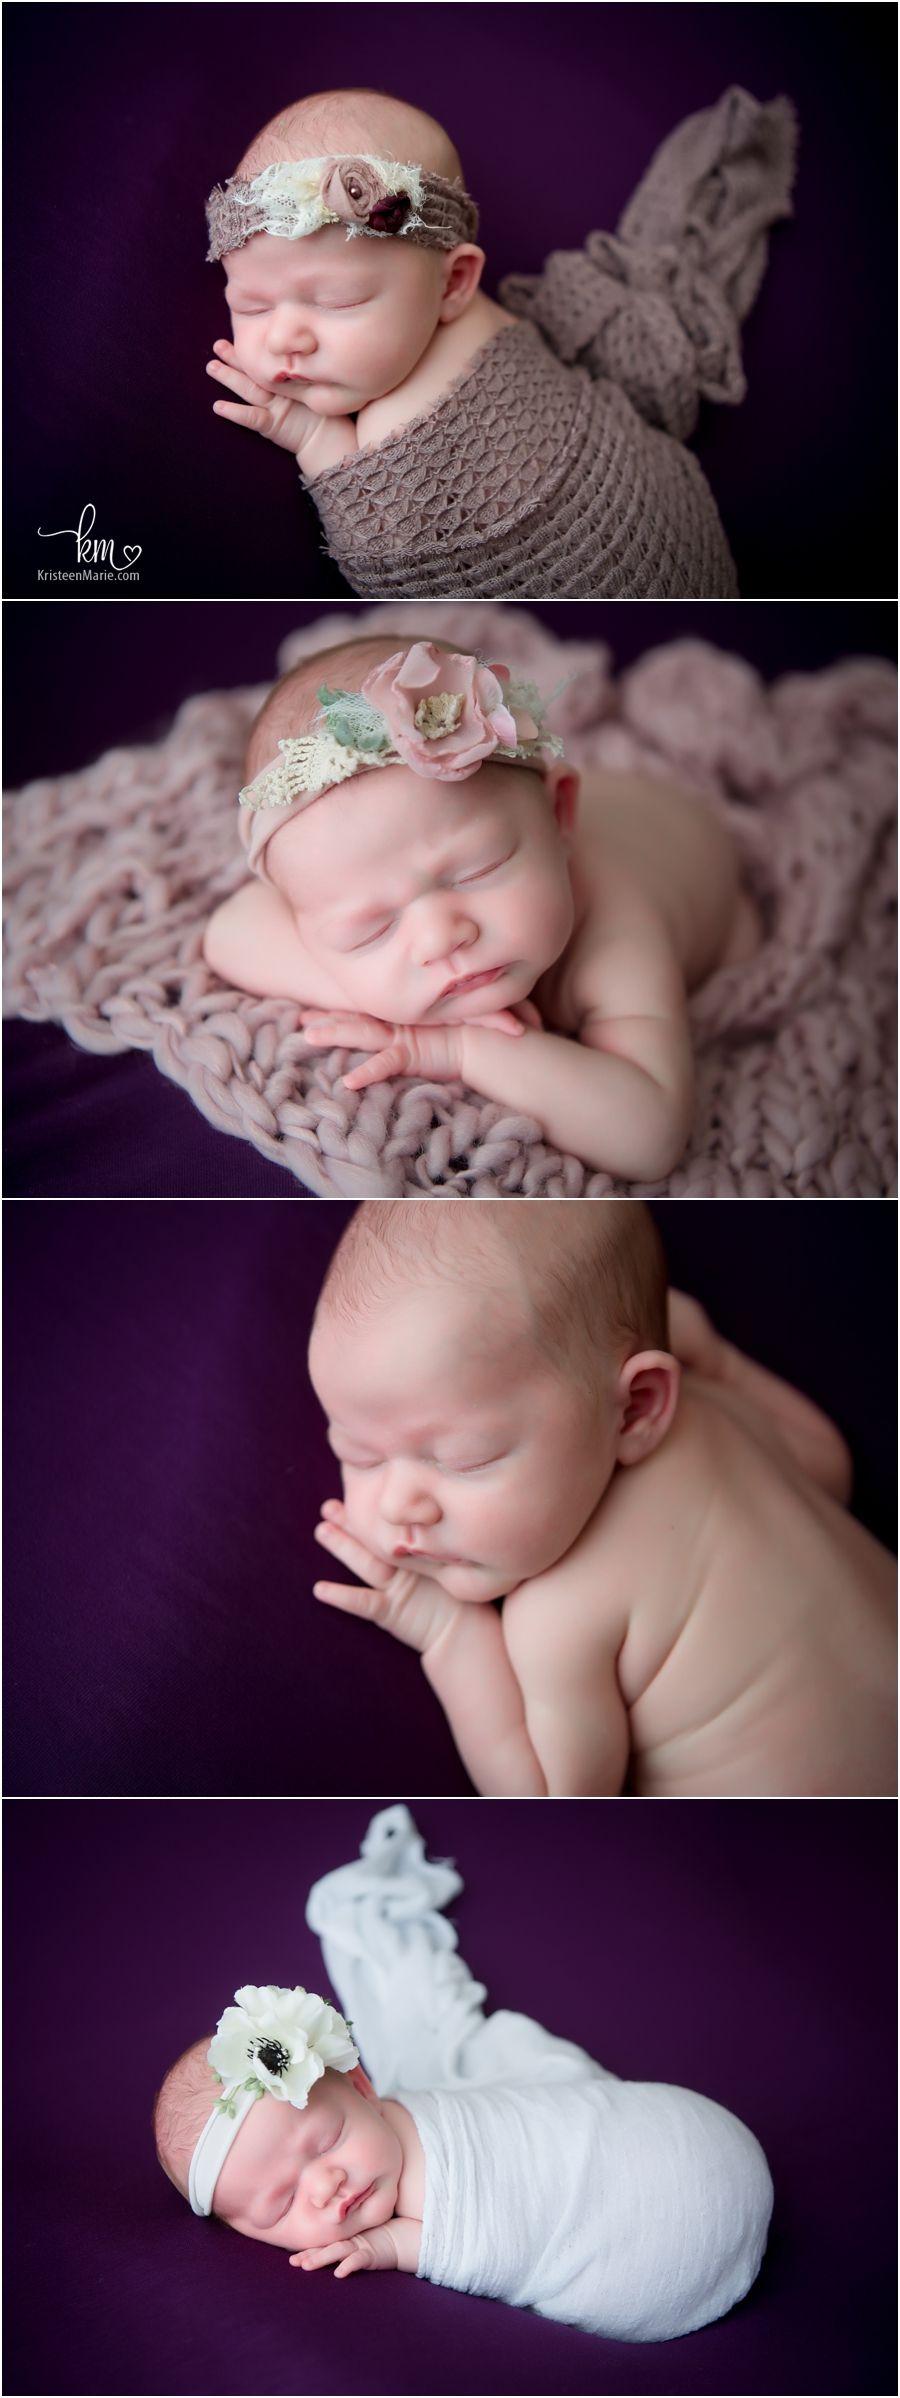 Westfield Newborn Photographer: Newborn Baby Photography In Westfield, IN